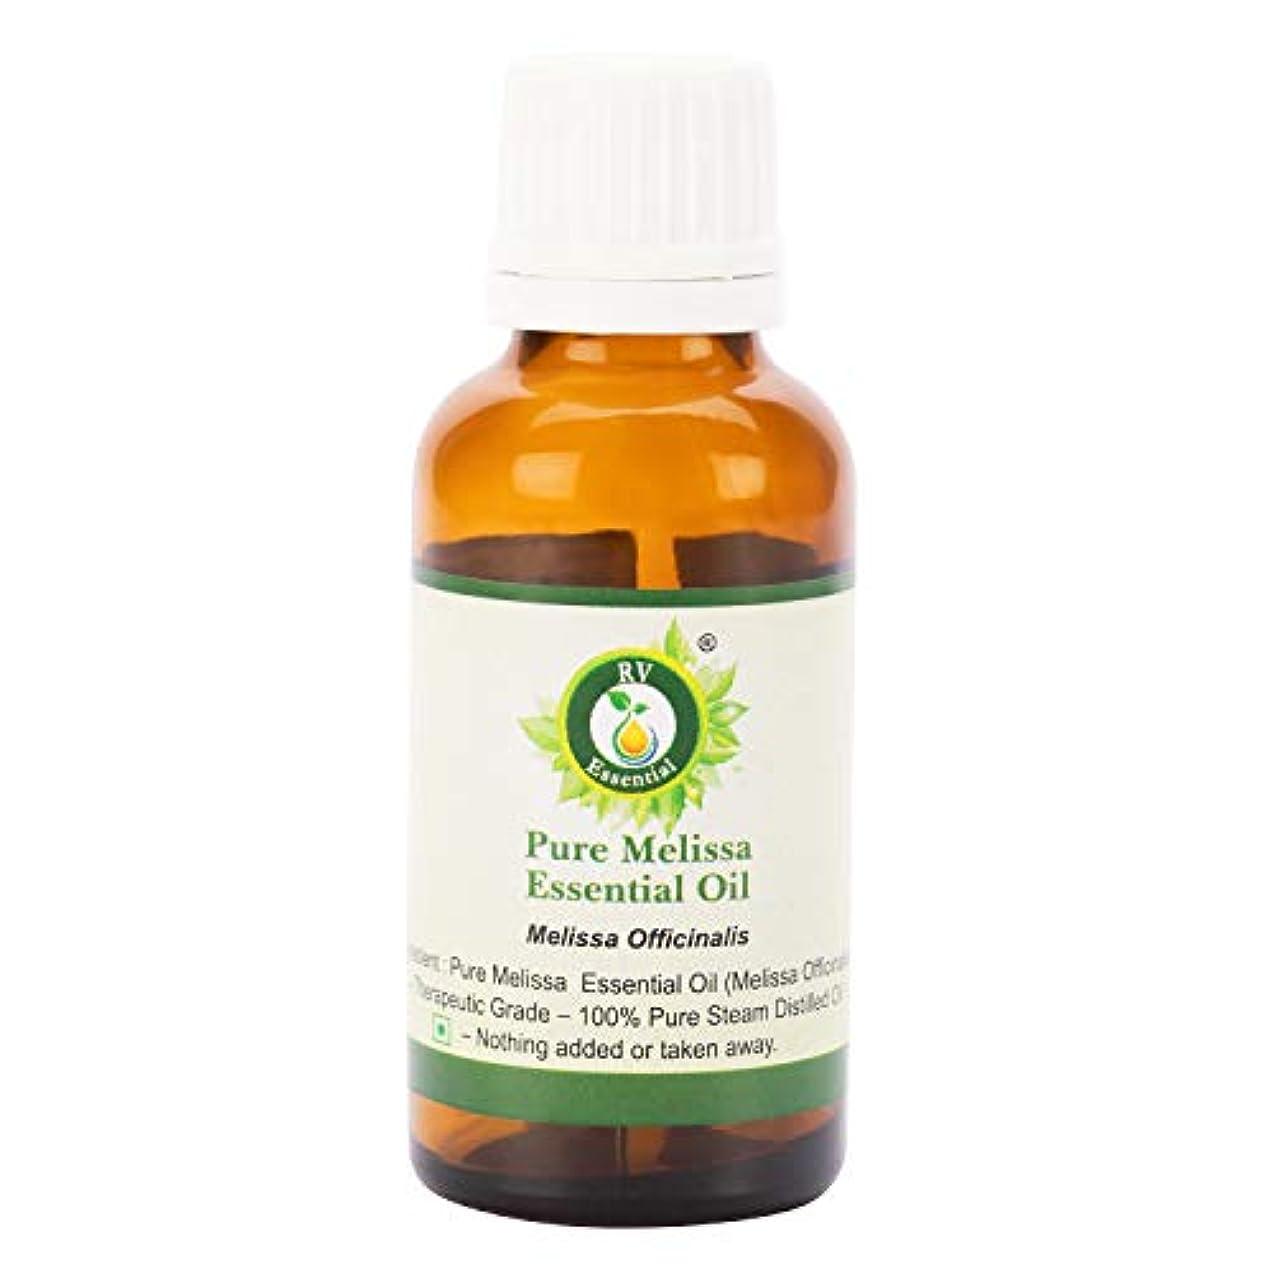 報告書表面通信するピュアエッセンシャルオイルメリッサ100ml (3.38oz)- Melissa Officinalis (100%純粋&天然スチームDistilled) Pure Melissa Essential Oil